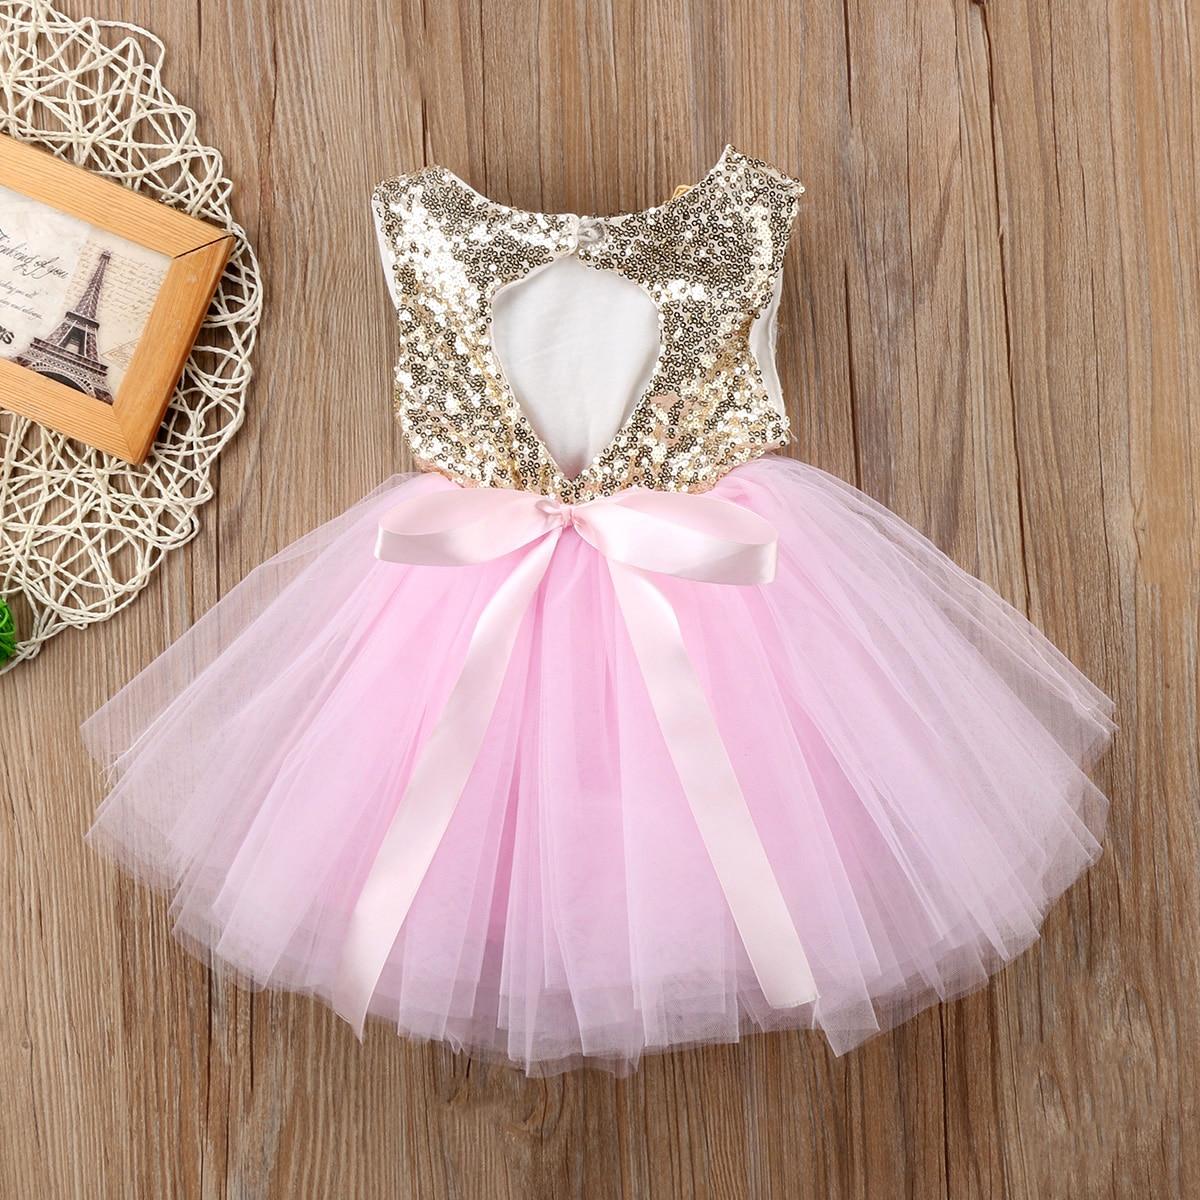 Prenses çocuk bebek elbise kızlar için fantezi düğün elbisesi kolsuz Sequins parti doğum günü vaftiz elbise kız yaz elbiseler